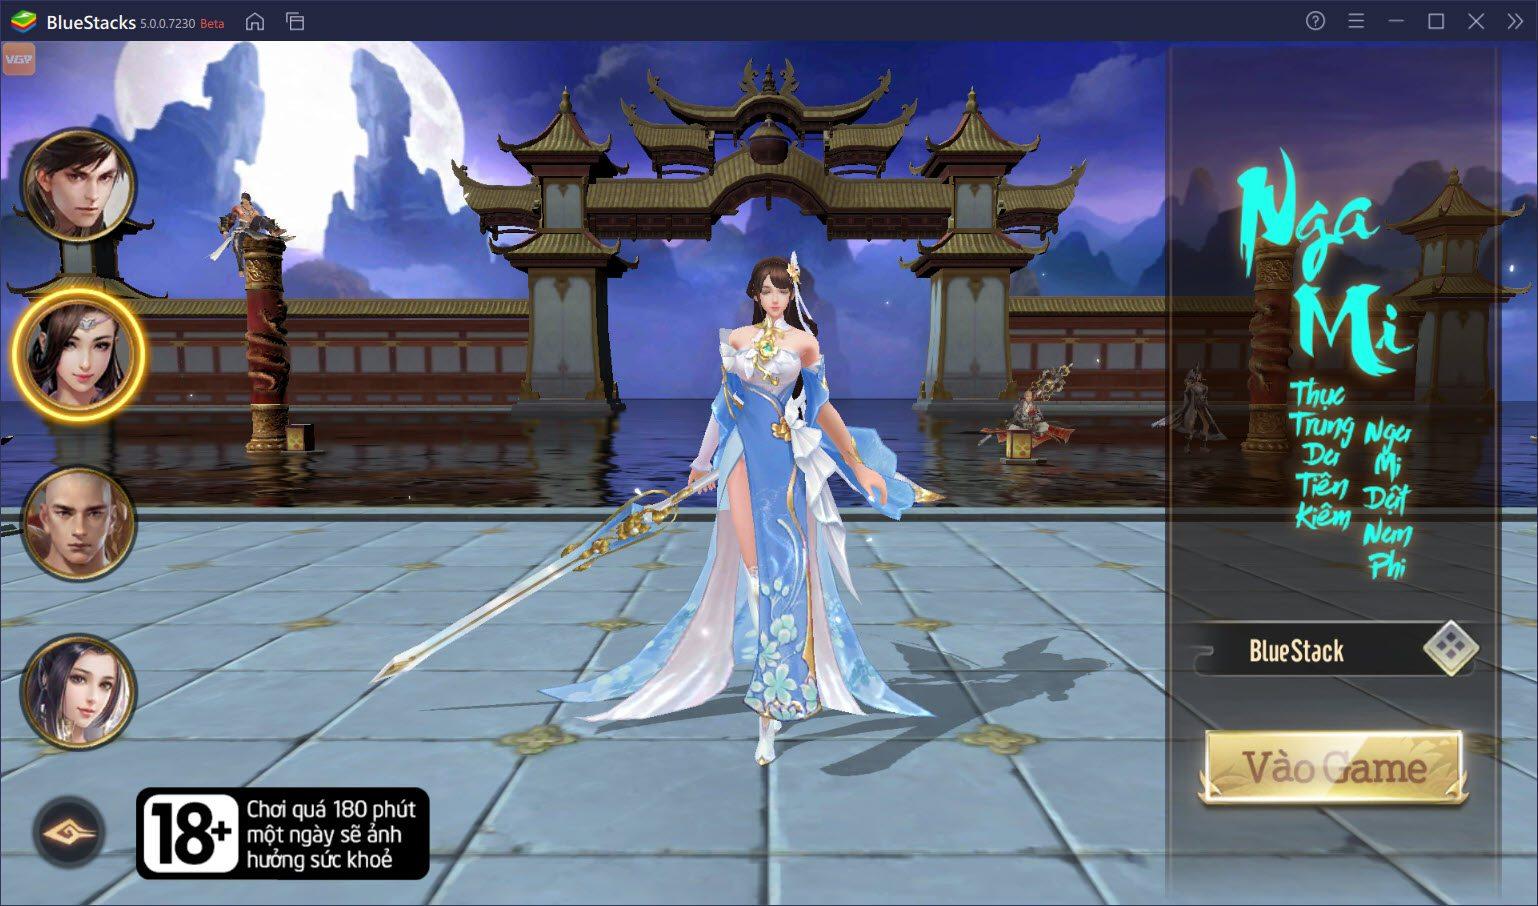 Cùng trải nghiệm game kiếm hiệp 3D hoành tráng Thiên Long Kỳ Hiệp